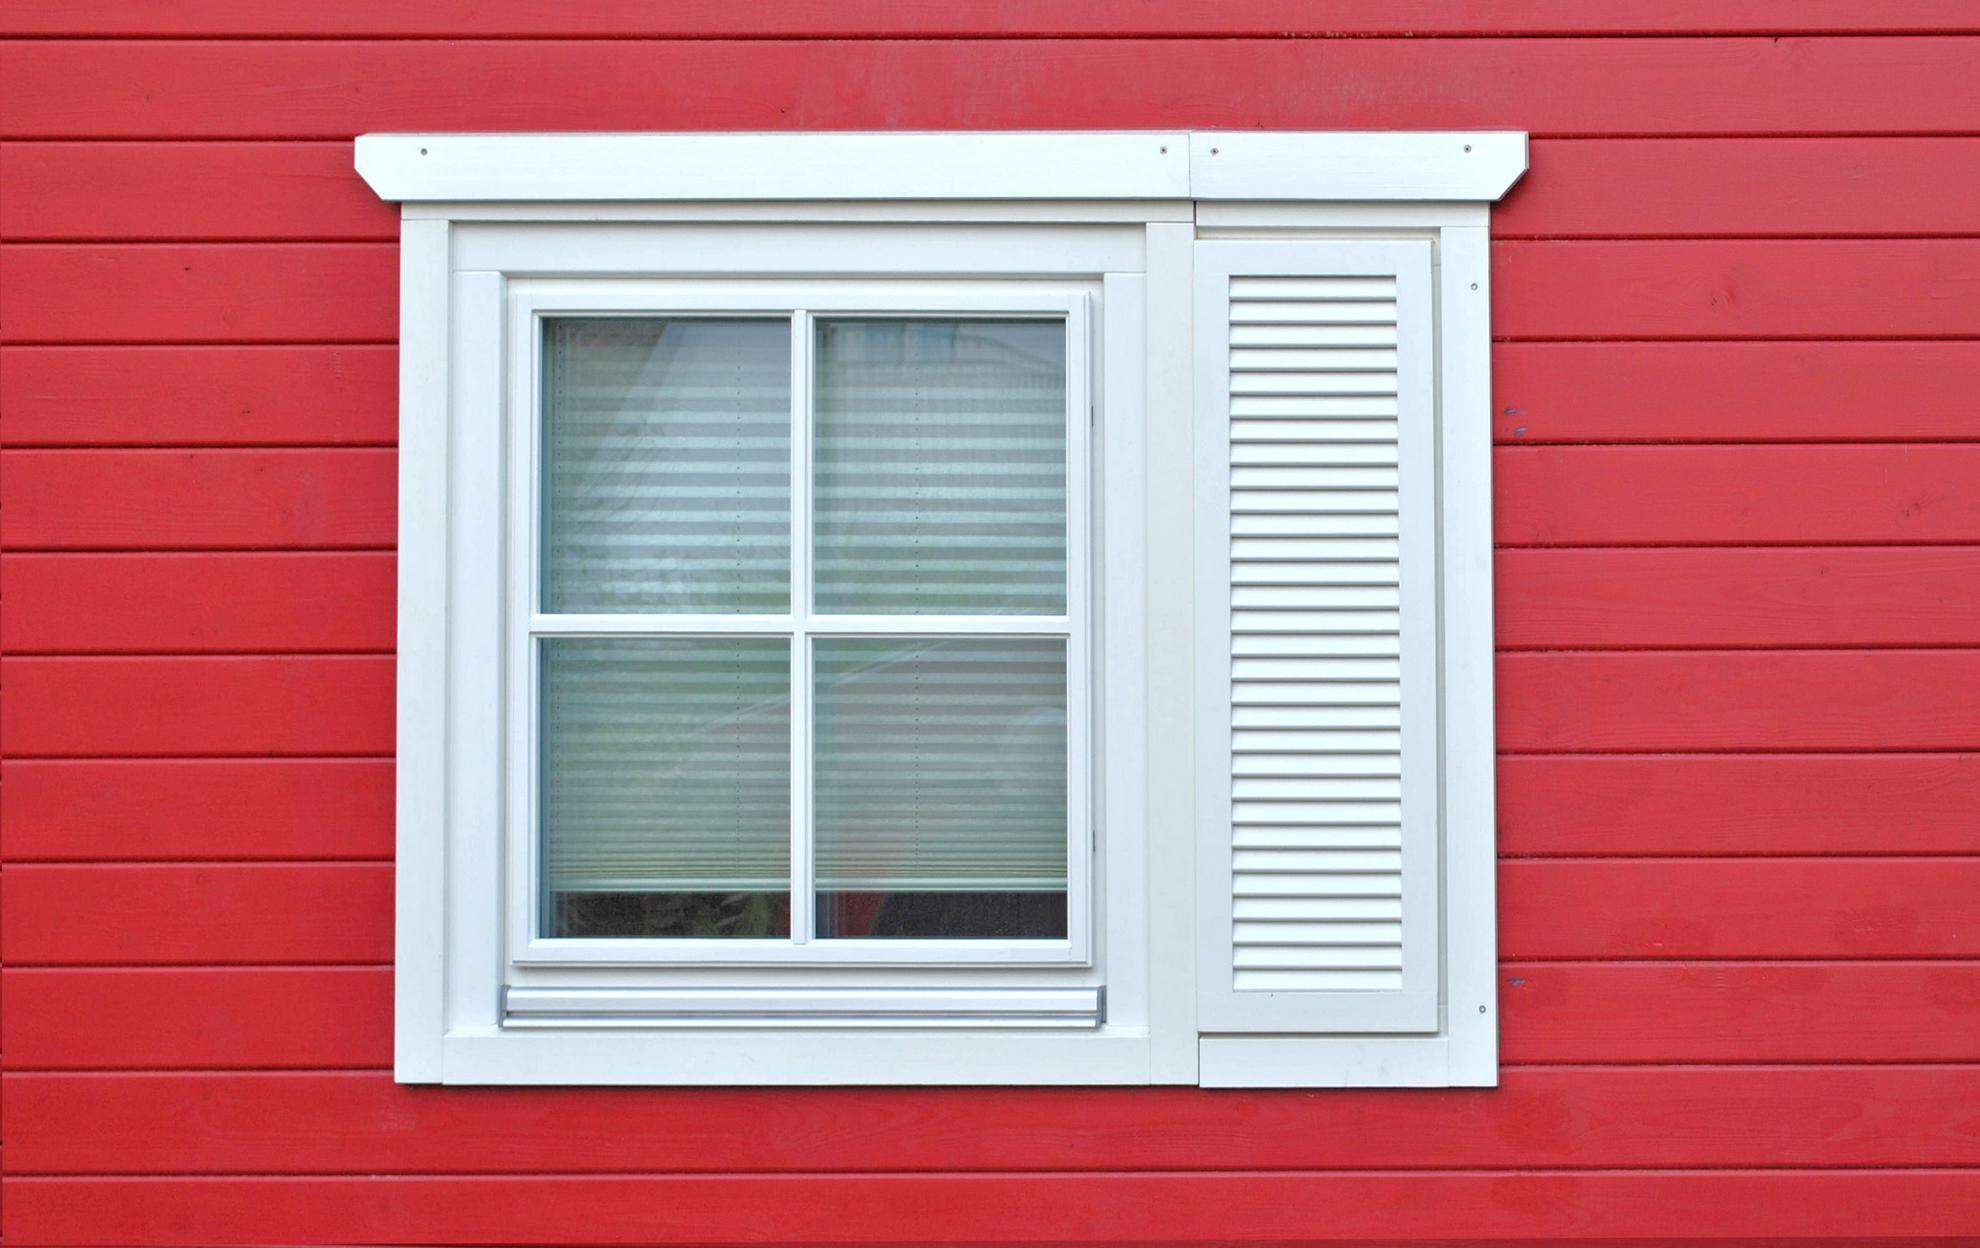 Einzelfenster superpremium 88 x 105 cm aus holz for Holzfenster shop